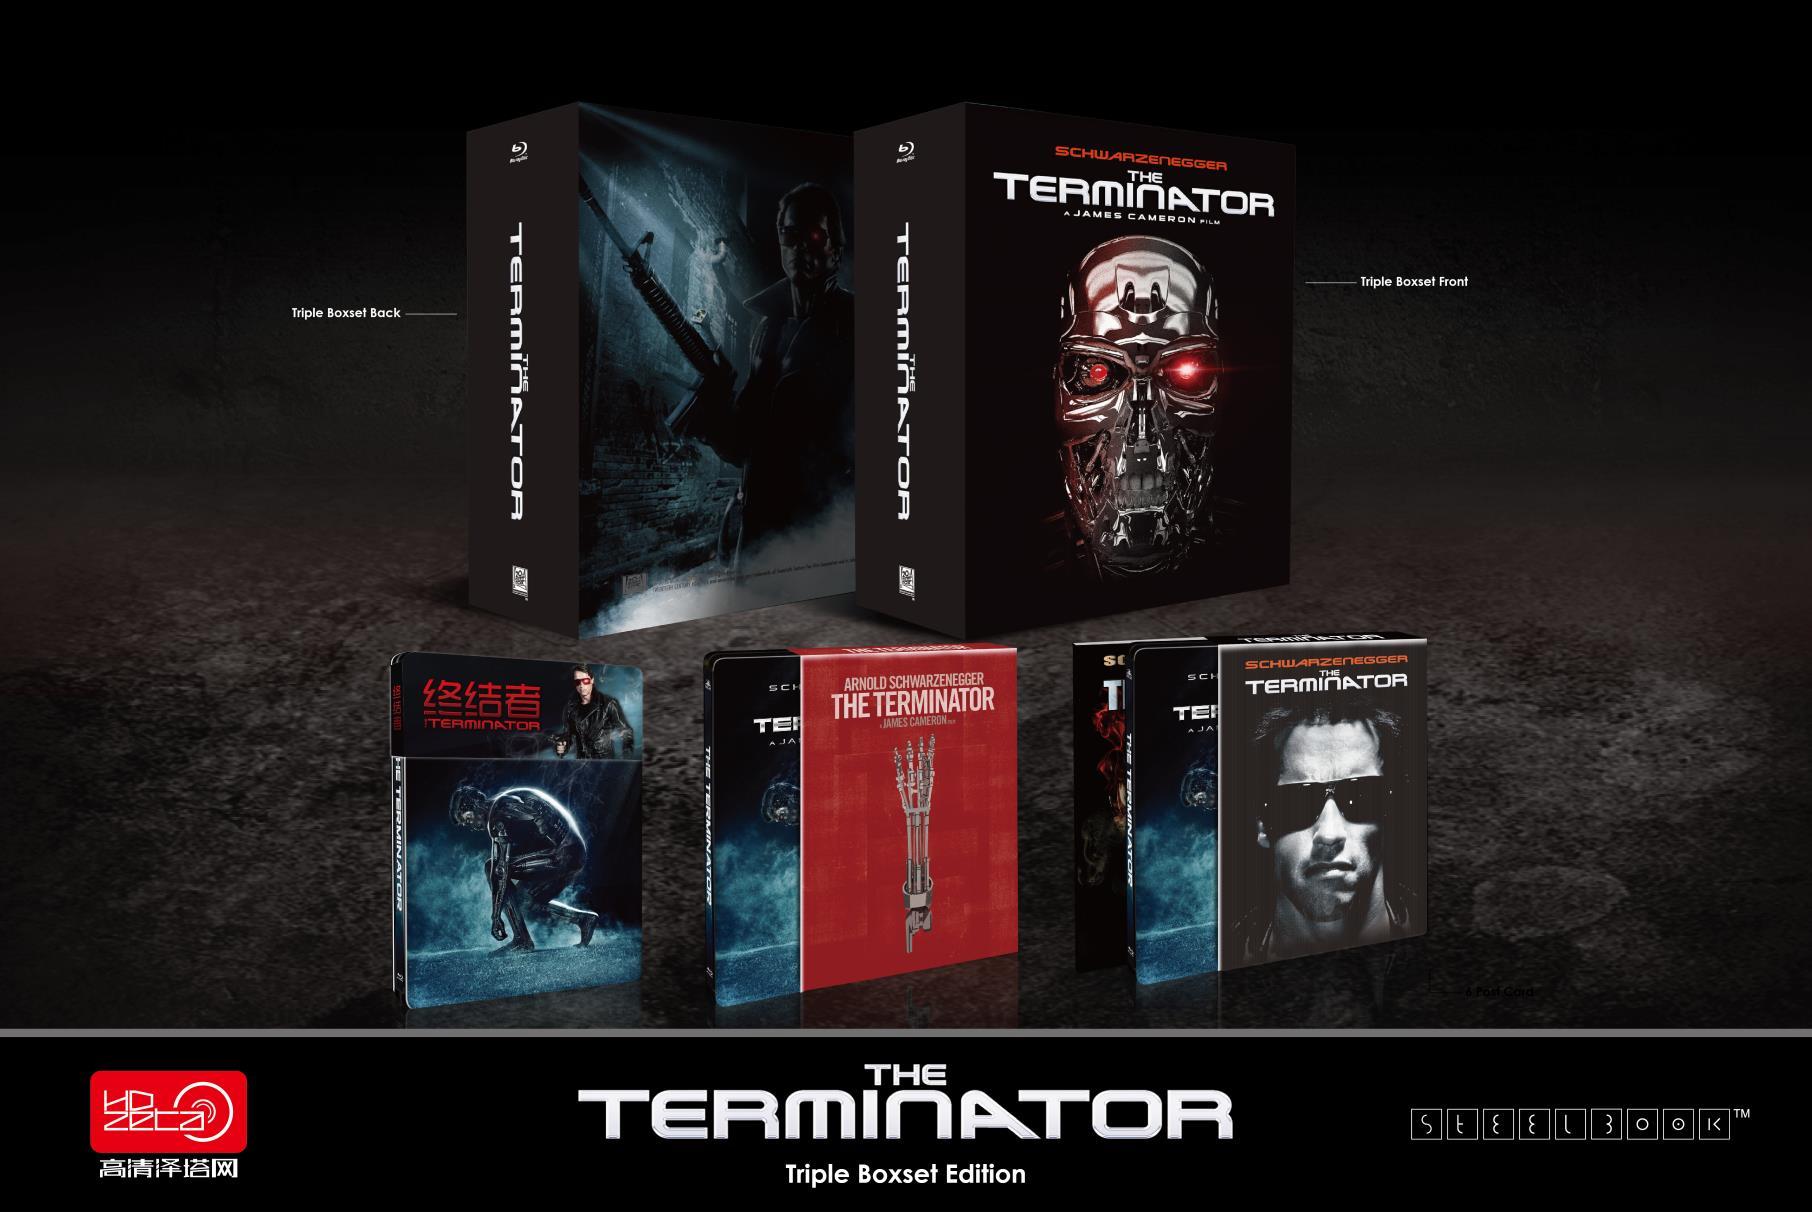 Terminator T1 Boxset steelbook HDzeta